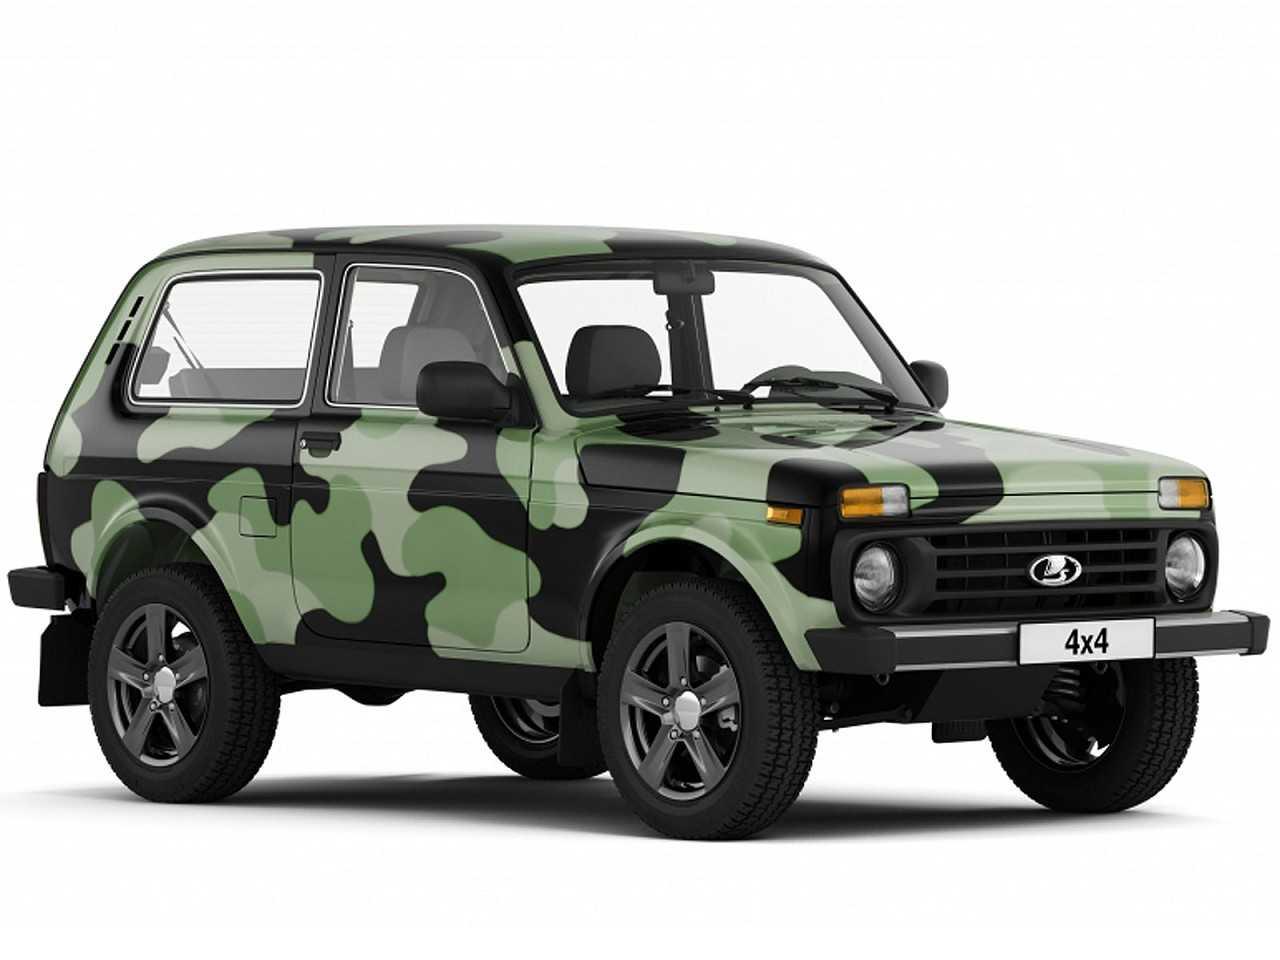 Lada 4x4 e sua opção de pintura camuflada, uma das novidades da linha 2018 do jipe